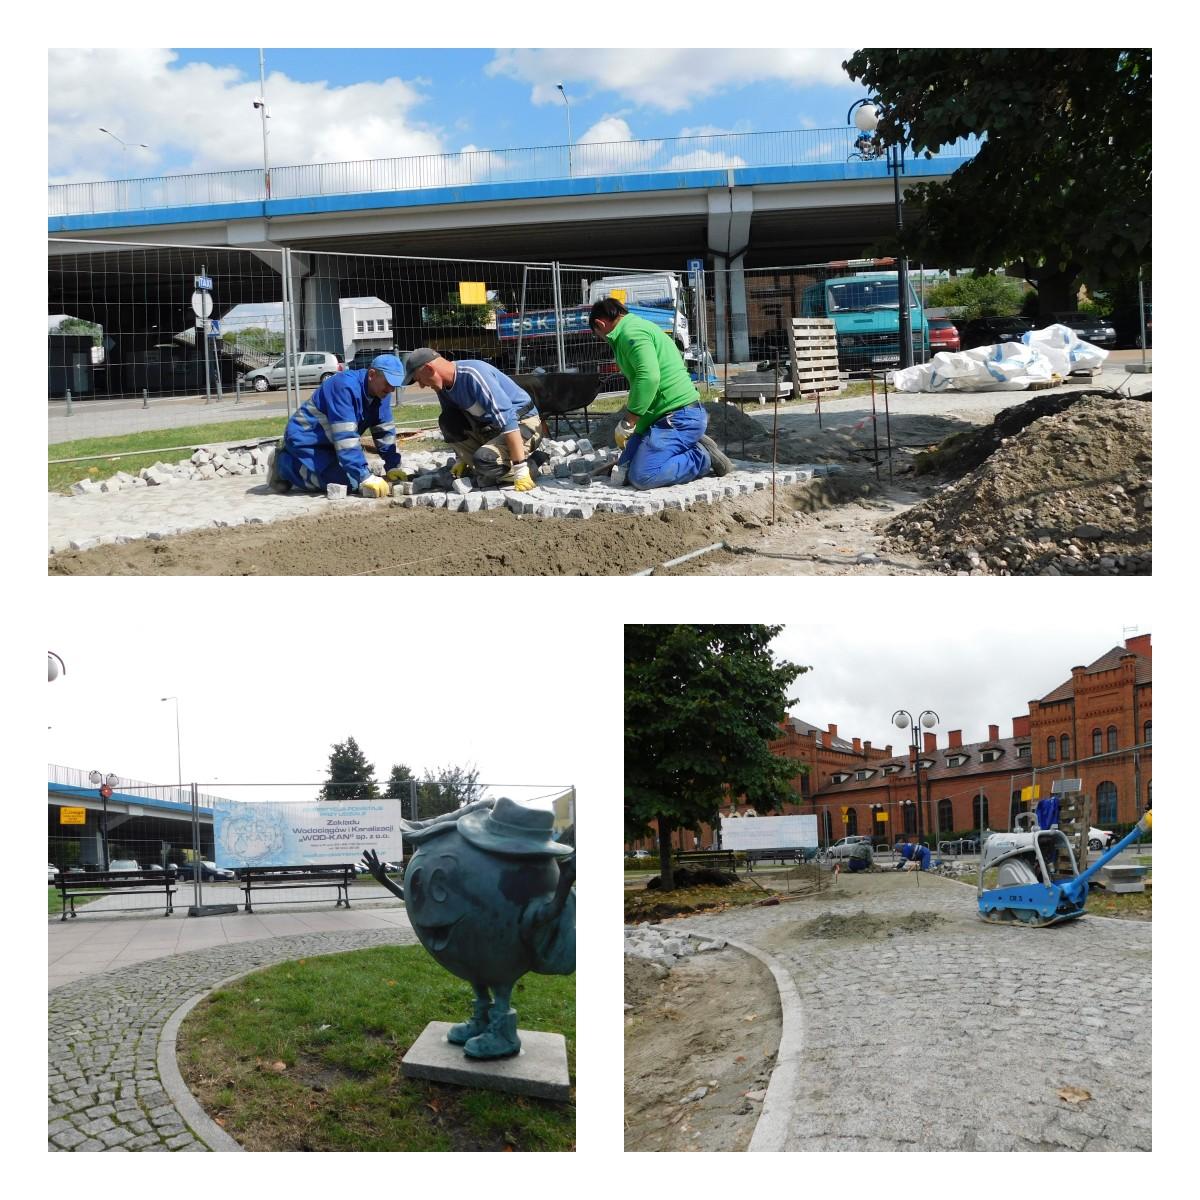 trzech pracowników ZWiK Wod-kan kładą kostkę na placu koło dworca, zdjęcie dwa pomnik jabłuszka, zdjęcie trzy koparka na placu dworcowym